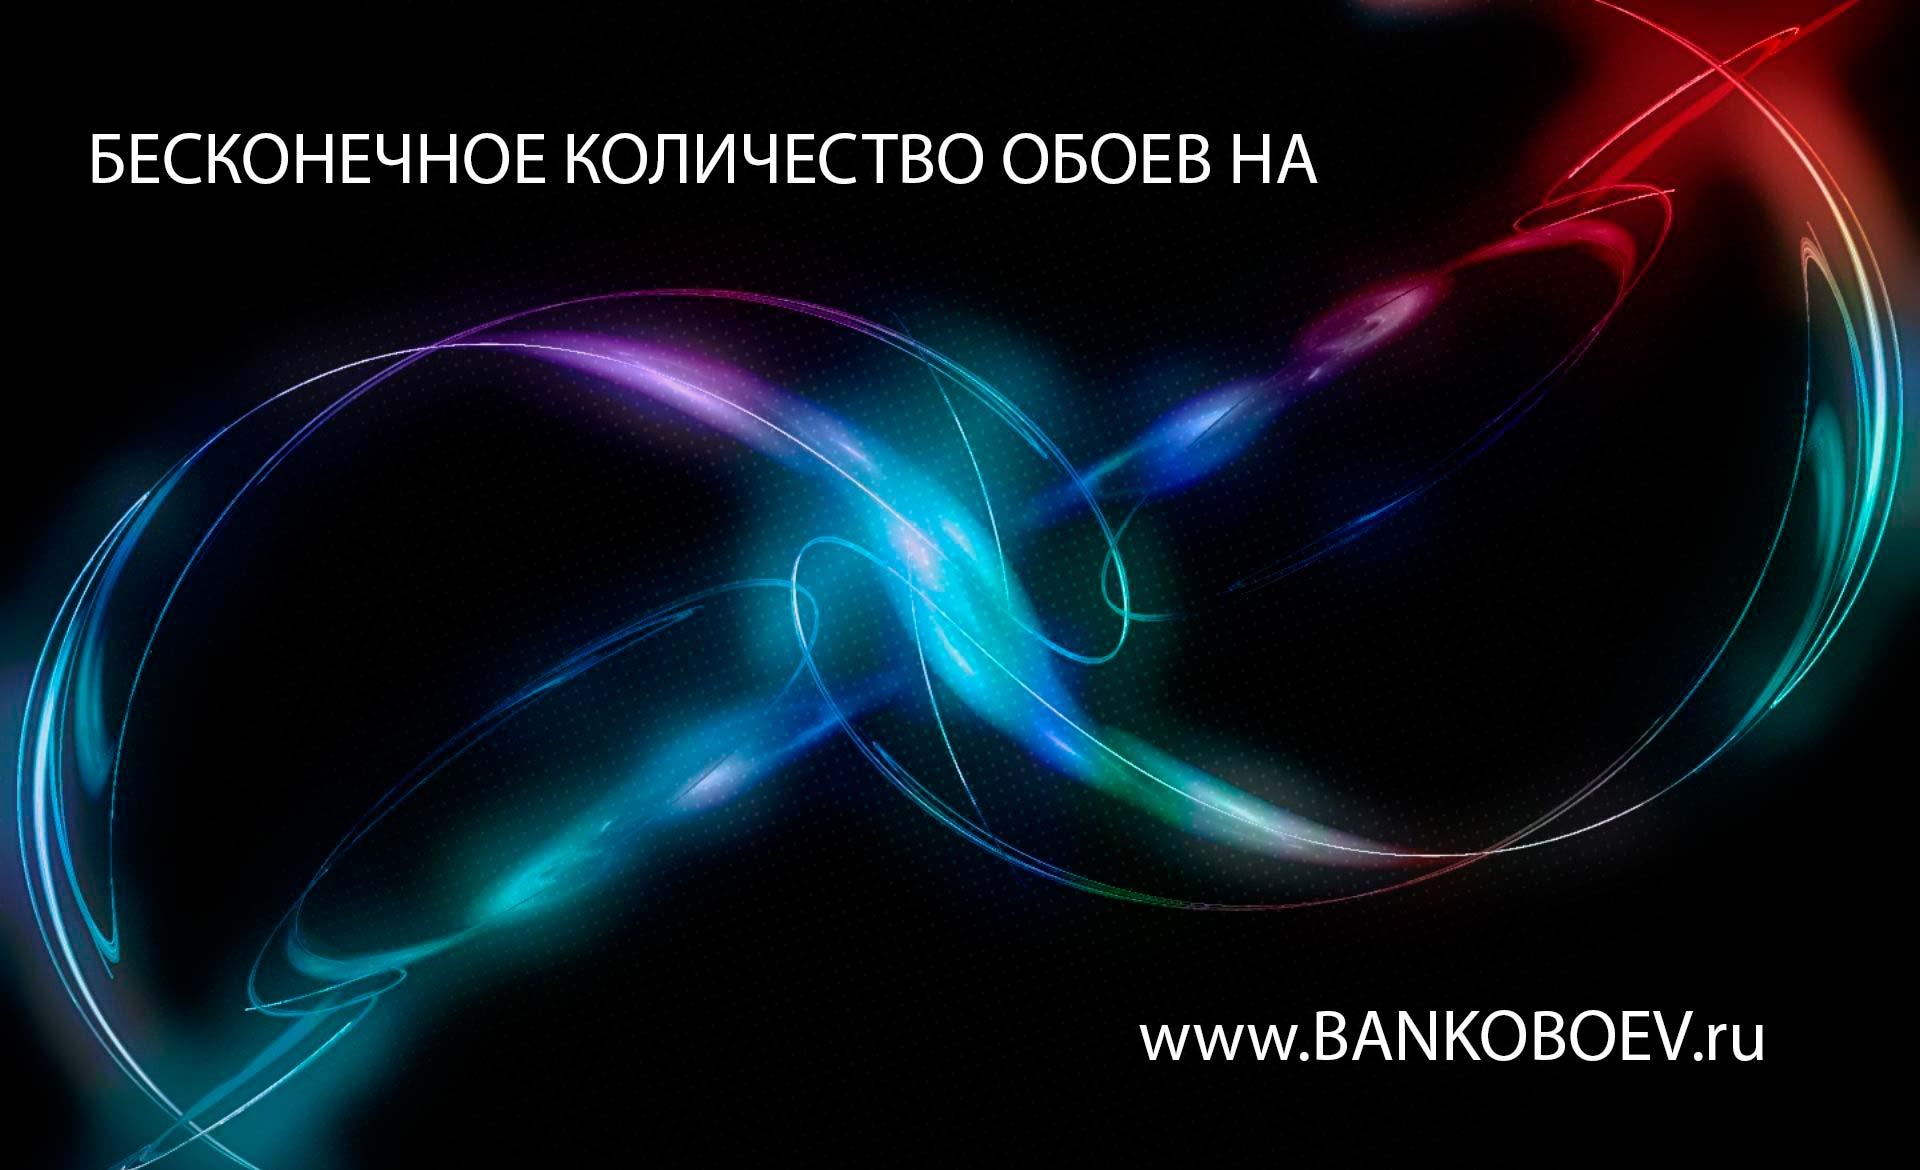 bankoboevruimagesMTM0ODc3BankoboevRu hc philadelphia flyersjpg 1920x1170